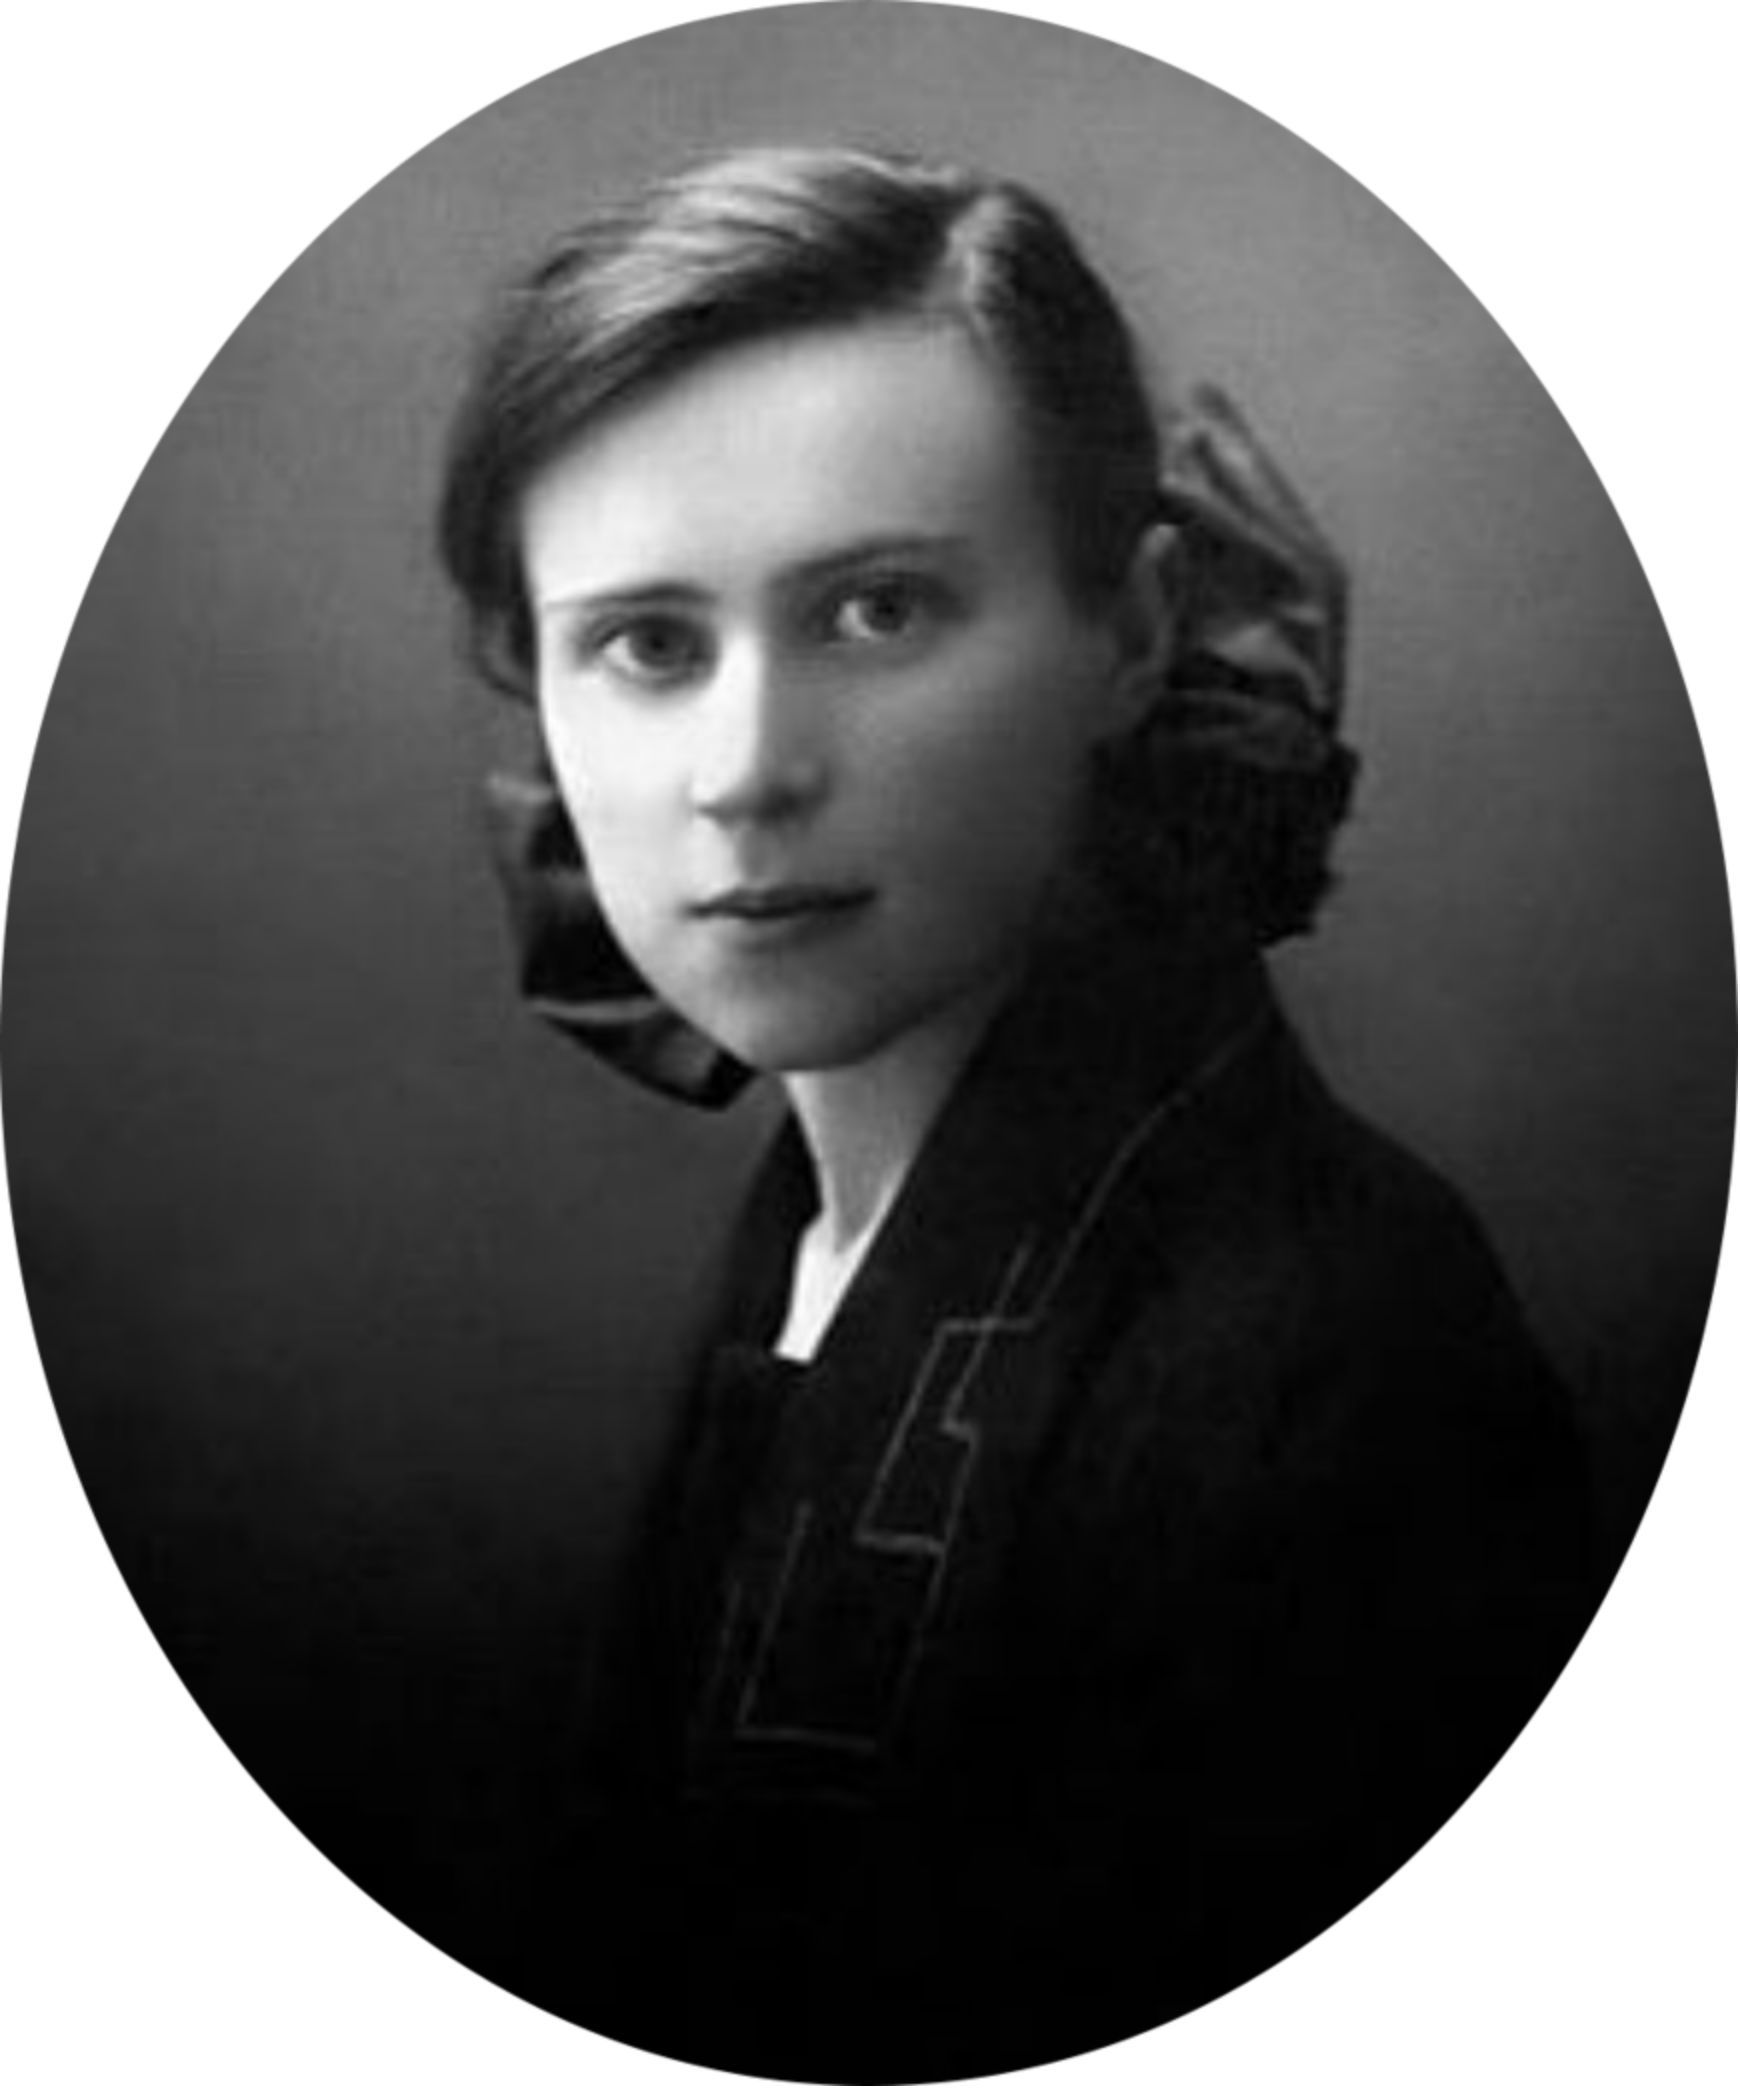 Блюма Зейгарник, wikimedia